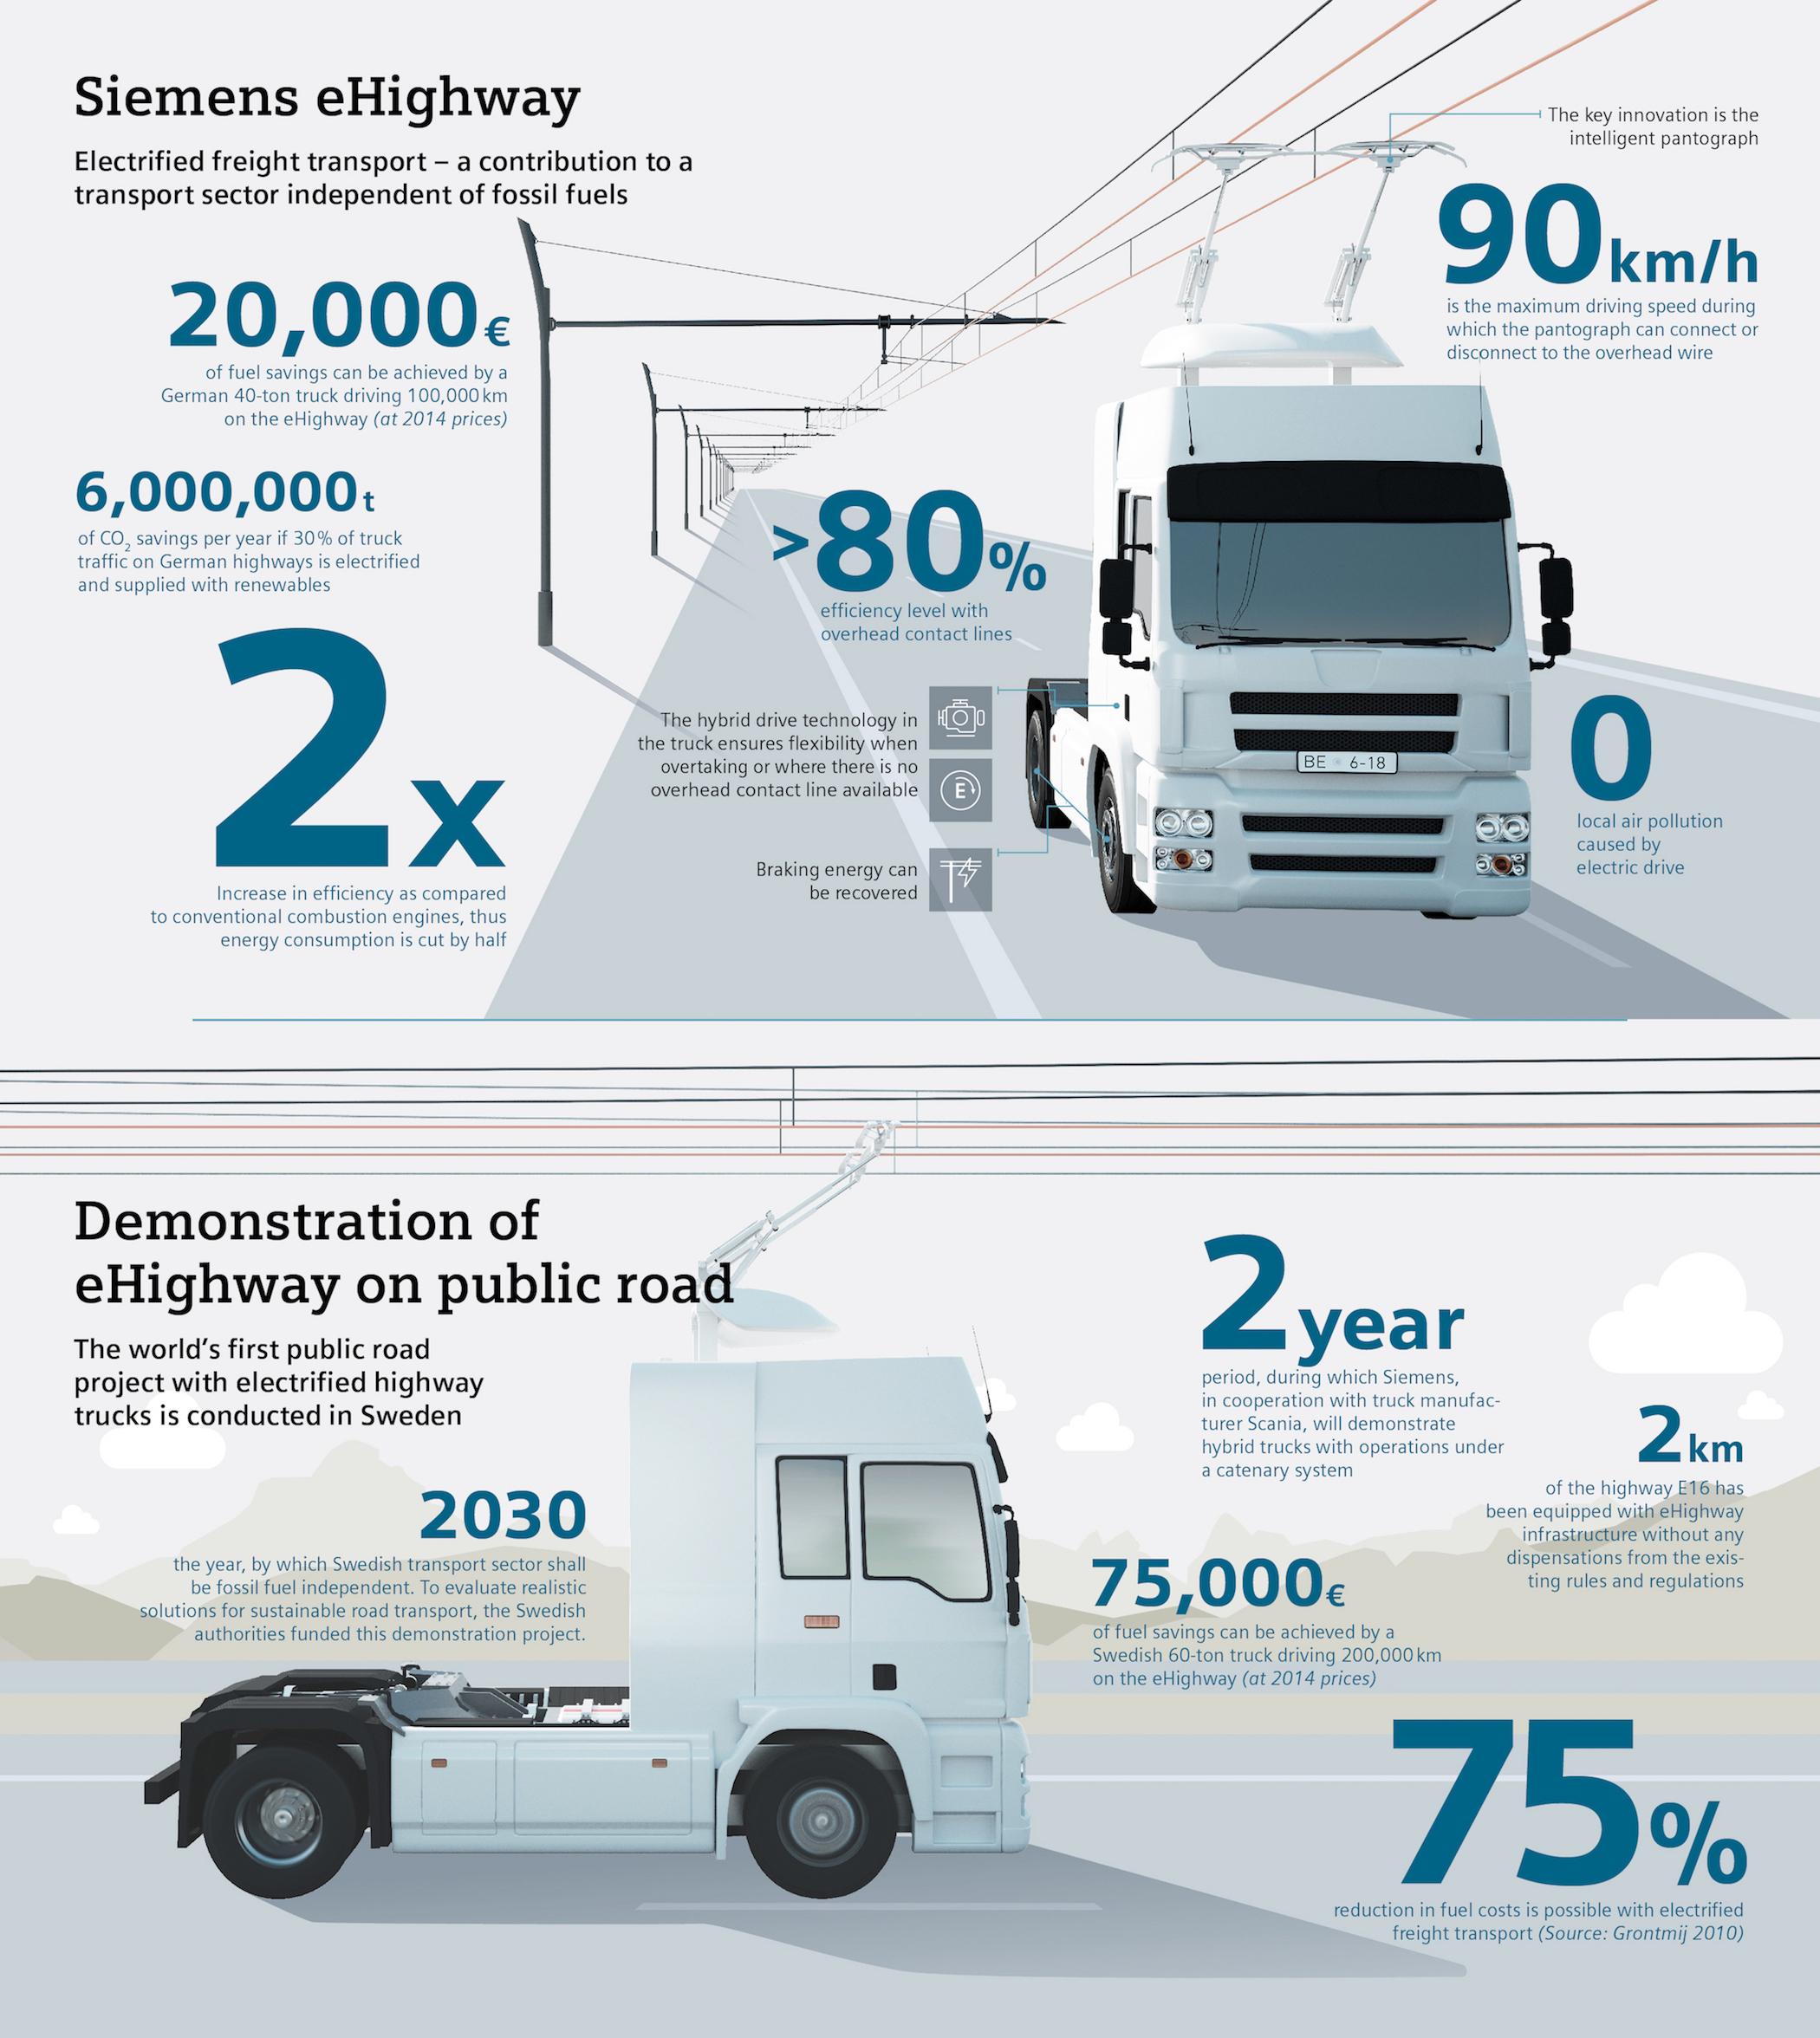 Mehr Güter auf die Schiene zu verlagern, ist nicht immer möglich. Dann muss ein zuverlässiger und möglichst umweltschonender Lkw-Transport diese Aufgaben übernehmen. Der eHighway ist im Vergleich zu Verbrennungsmotoren doppelt so effizient. Die Siemens-Innovation versorgt Lkw über eine Oberleitung mit Strom. Das bedeutet nicht nur eine Halbierung des Energieverbrauchs sondern auch eine Verringerung der lokalen Luftverschmutzung. As it will not always possible to transfer more freight traffic to the rail, this traffic will have to be carried by trucks that combine reliable service with minimum environmental impact. The eHighway is twice as efficient as internal combustion engines. The Siemens innovation supplies trucks with power from an overhead contact line. This means that not only is energy consumption cut in half but also local air pollution is reduced.